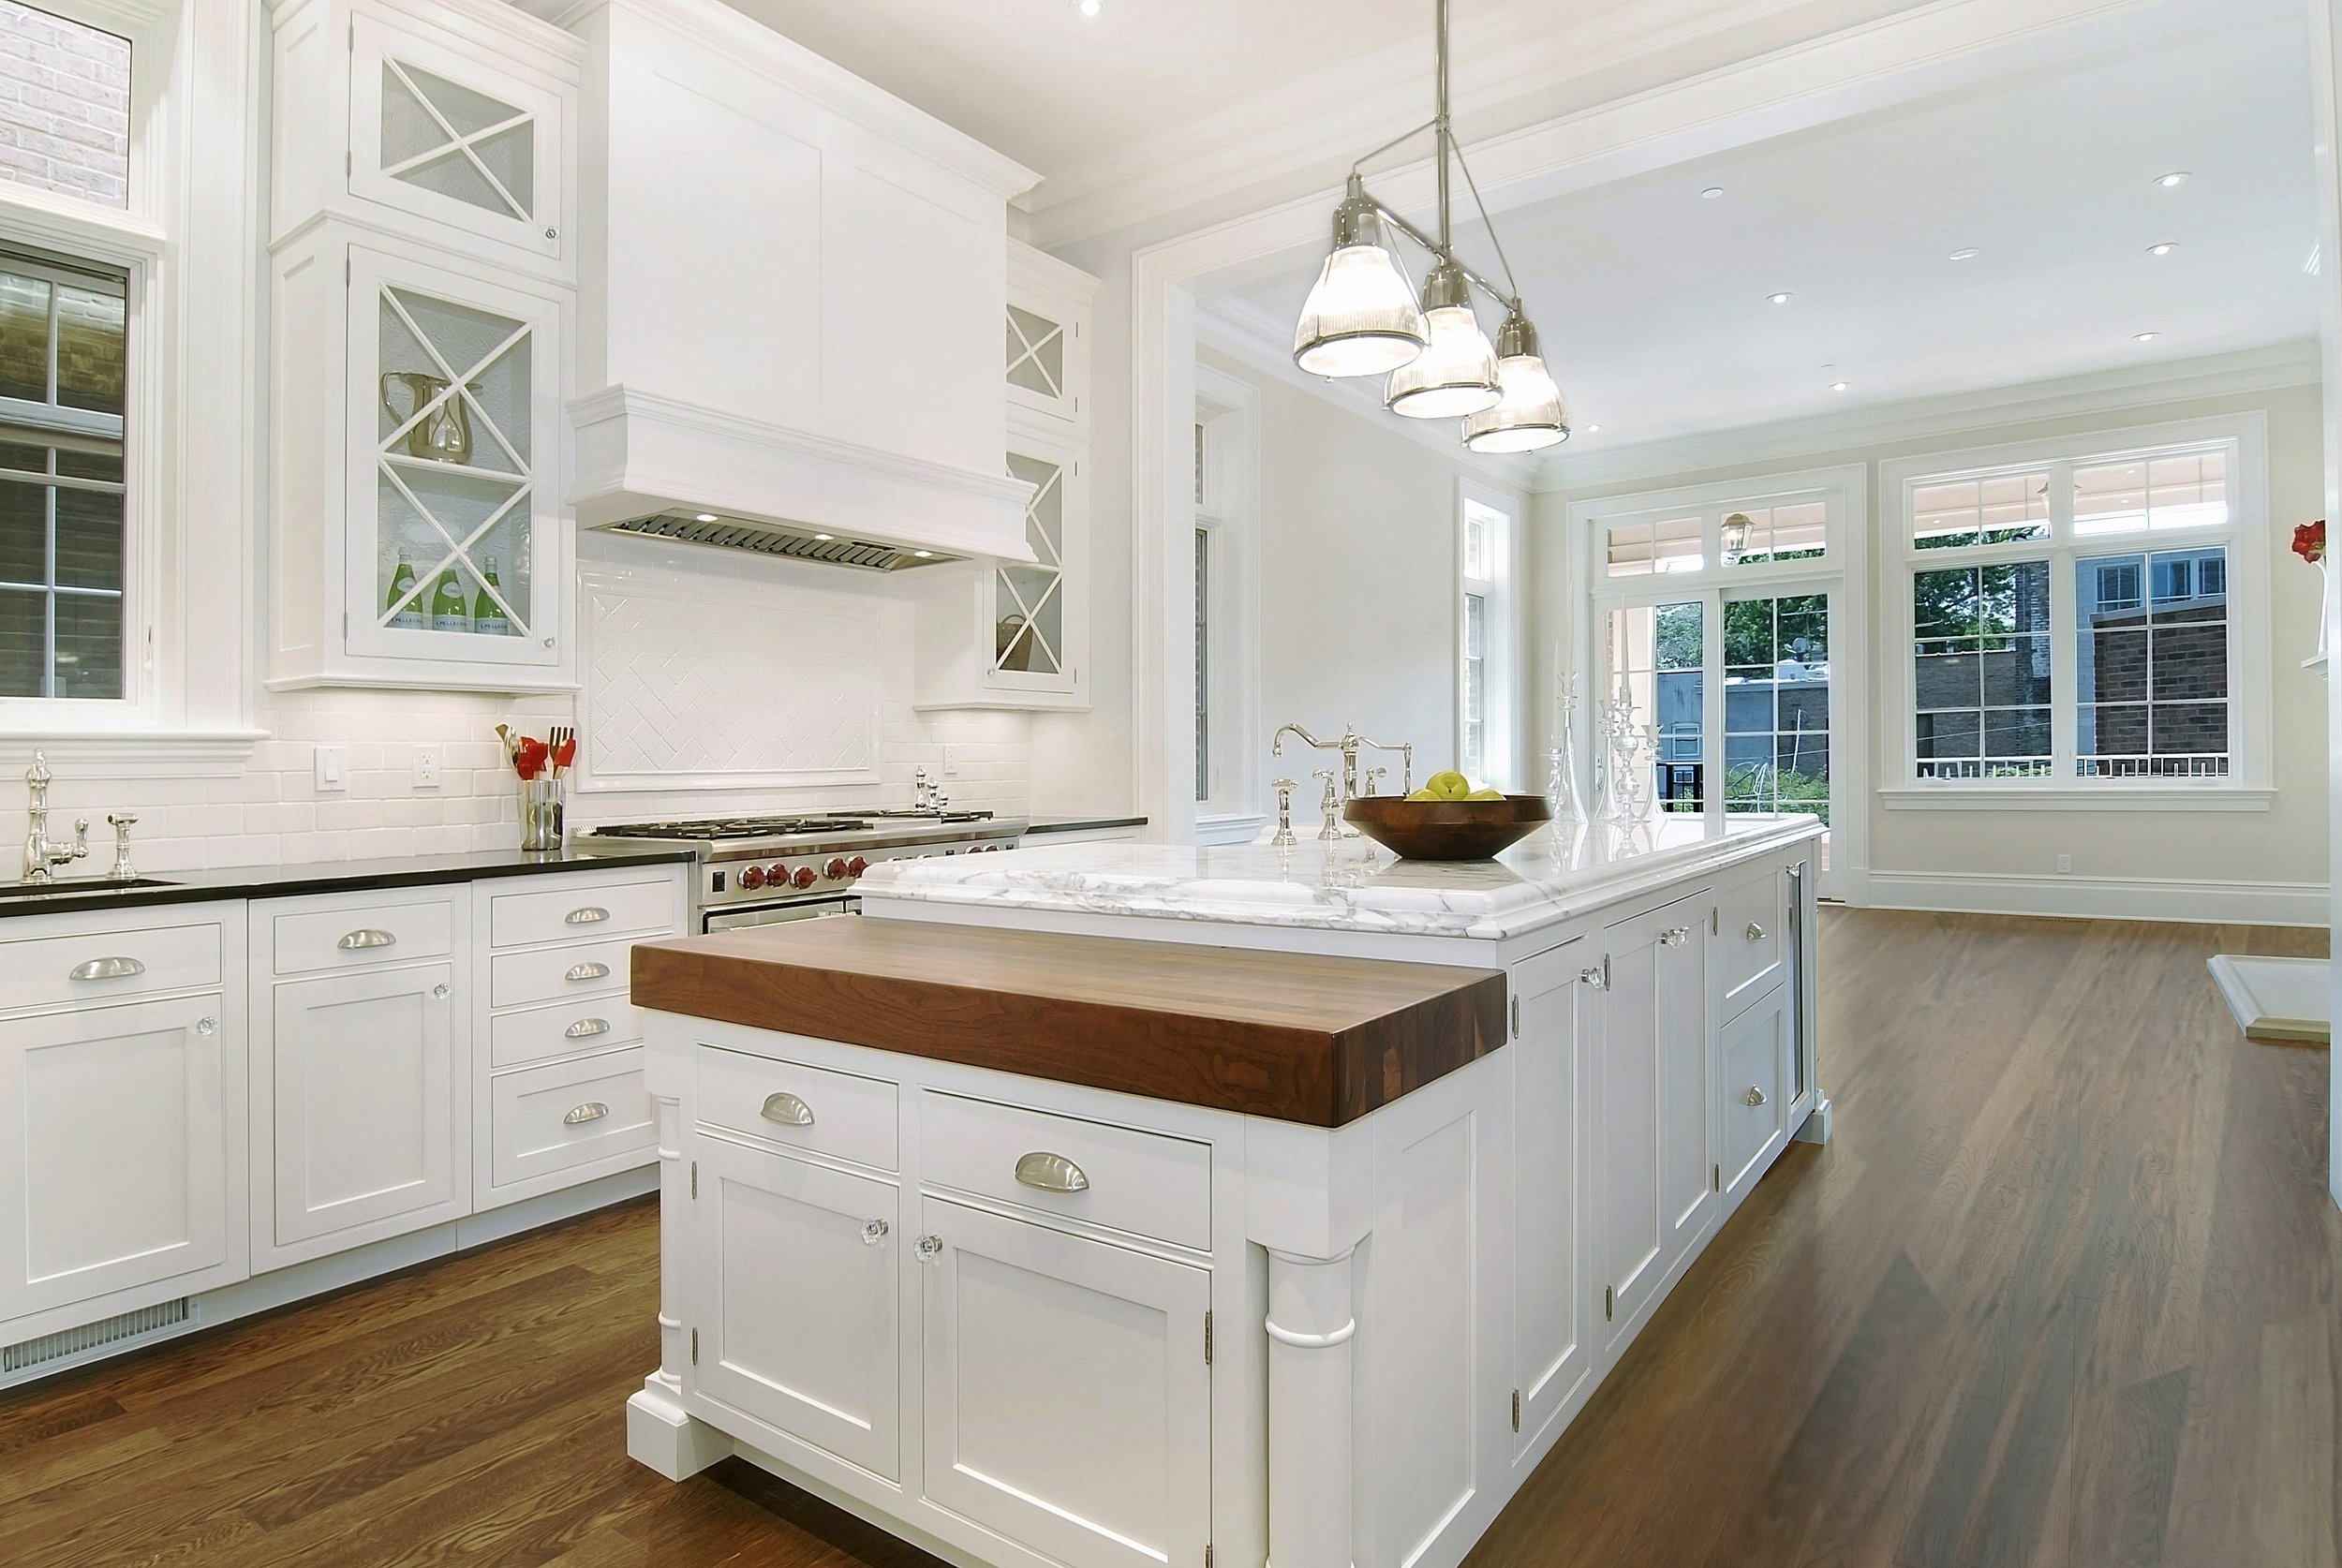 01 2244 3 kitchen 2.jpg